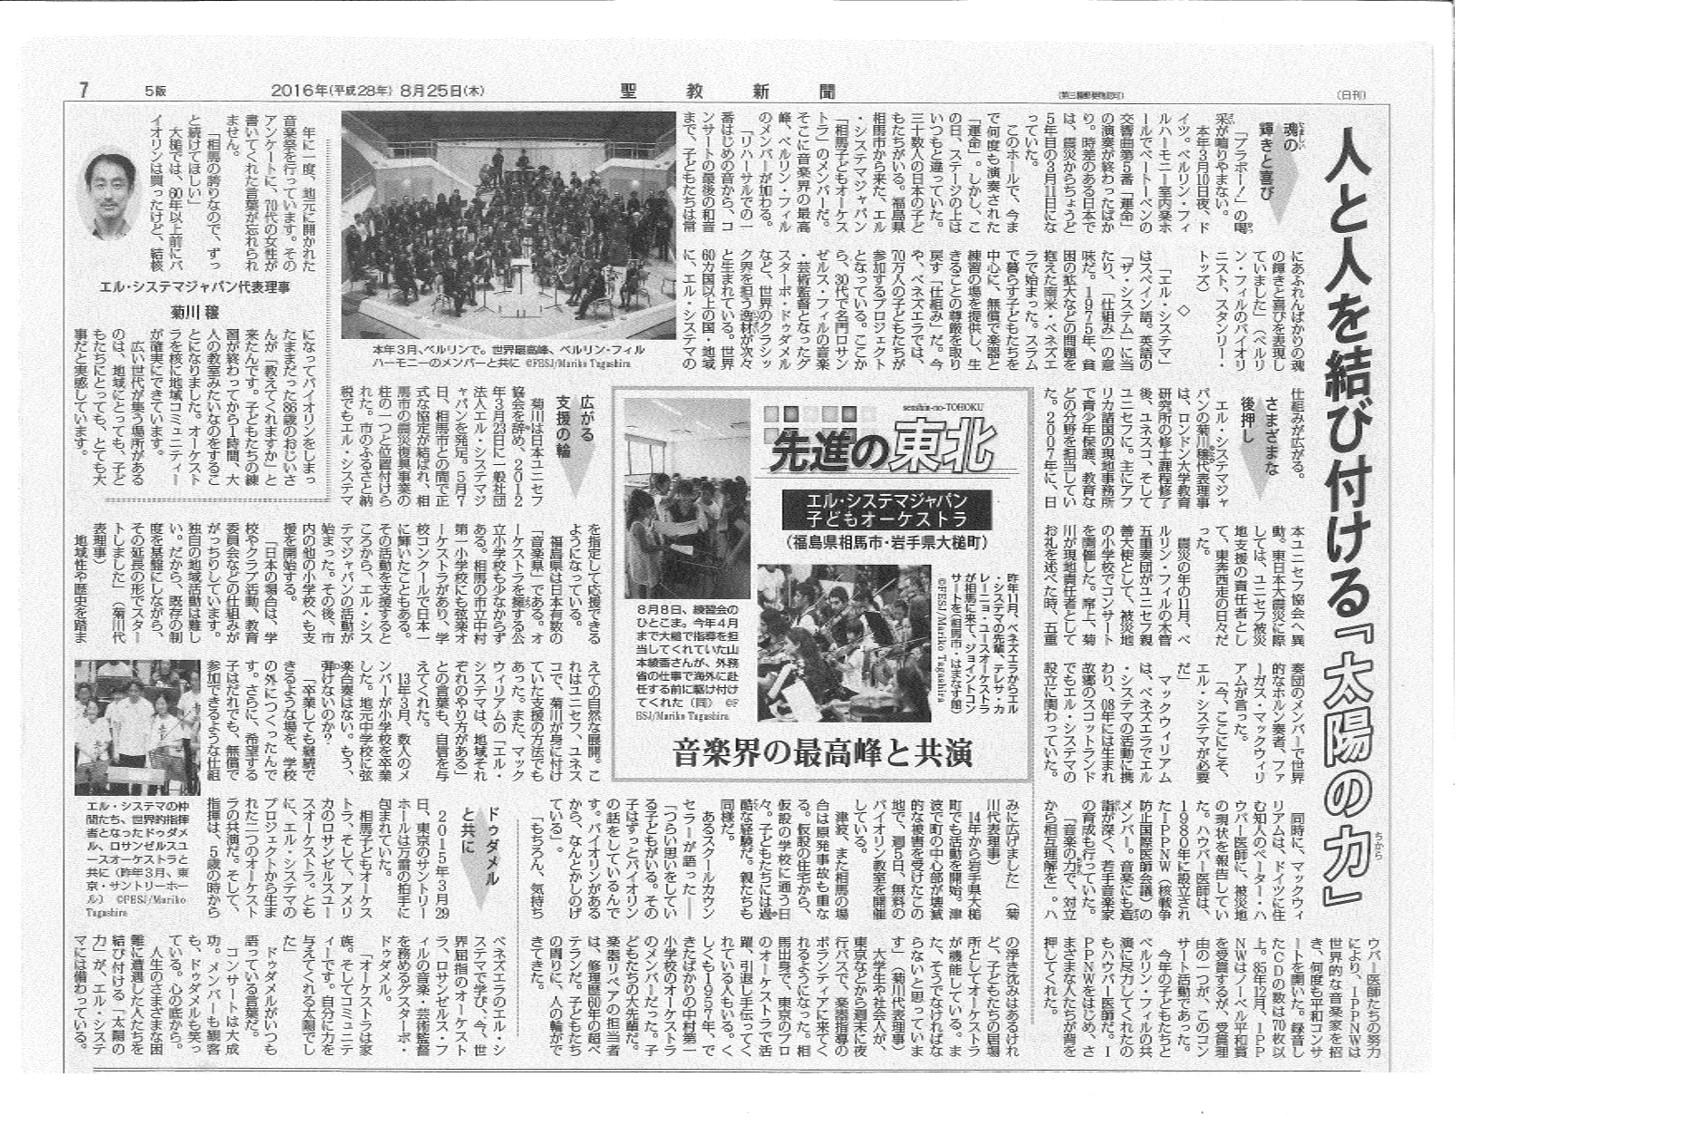 2016年8月_聖教新聞